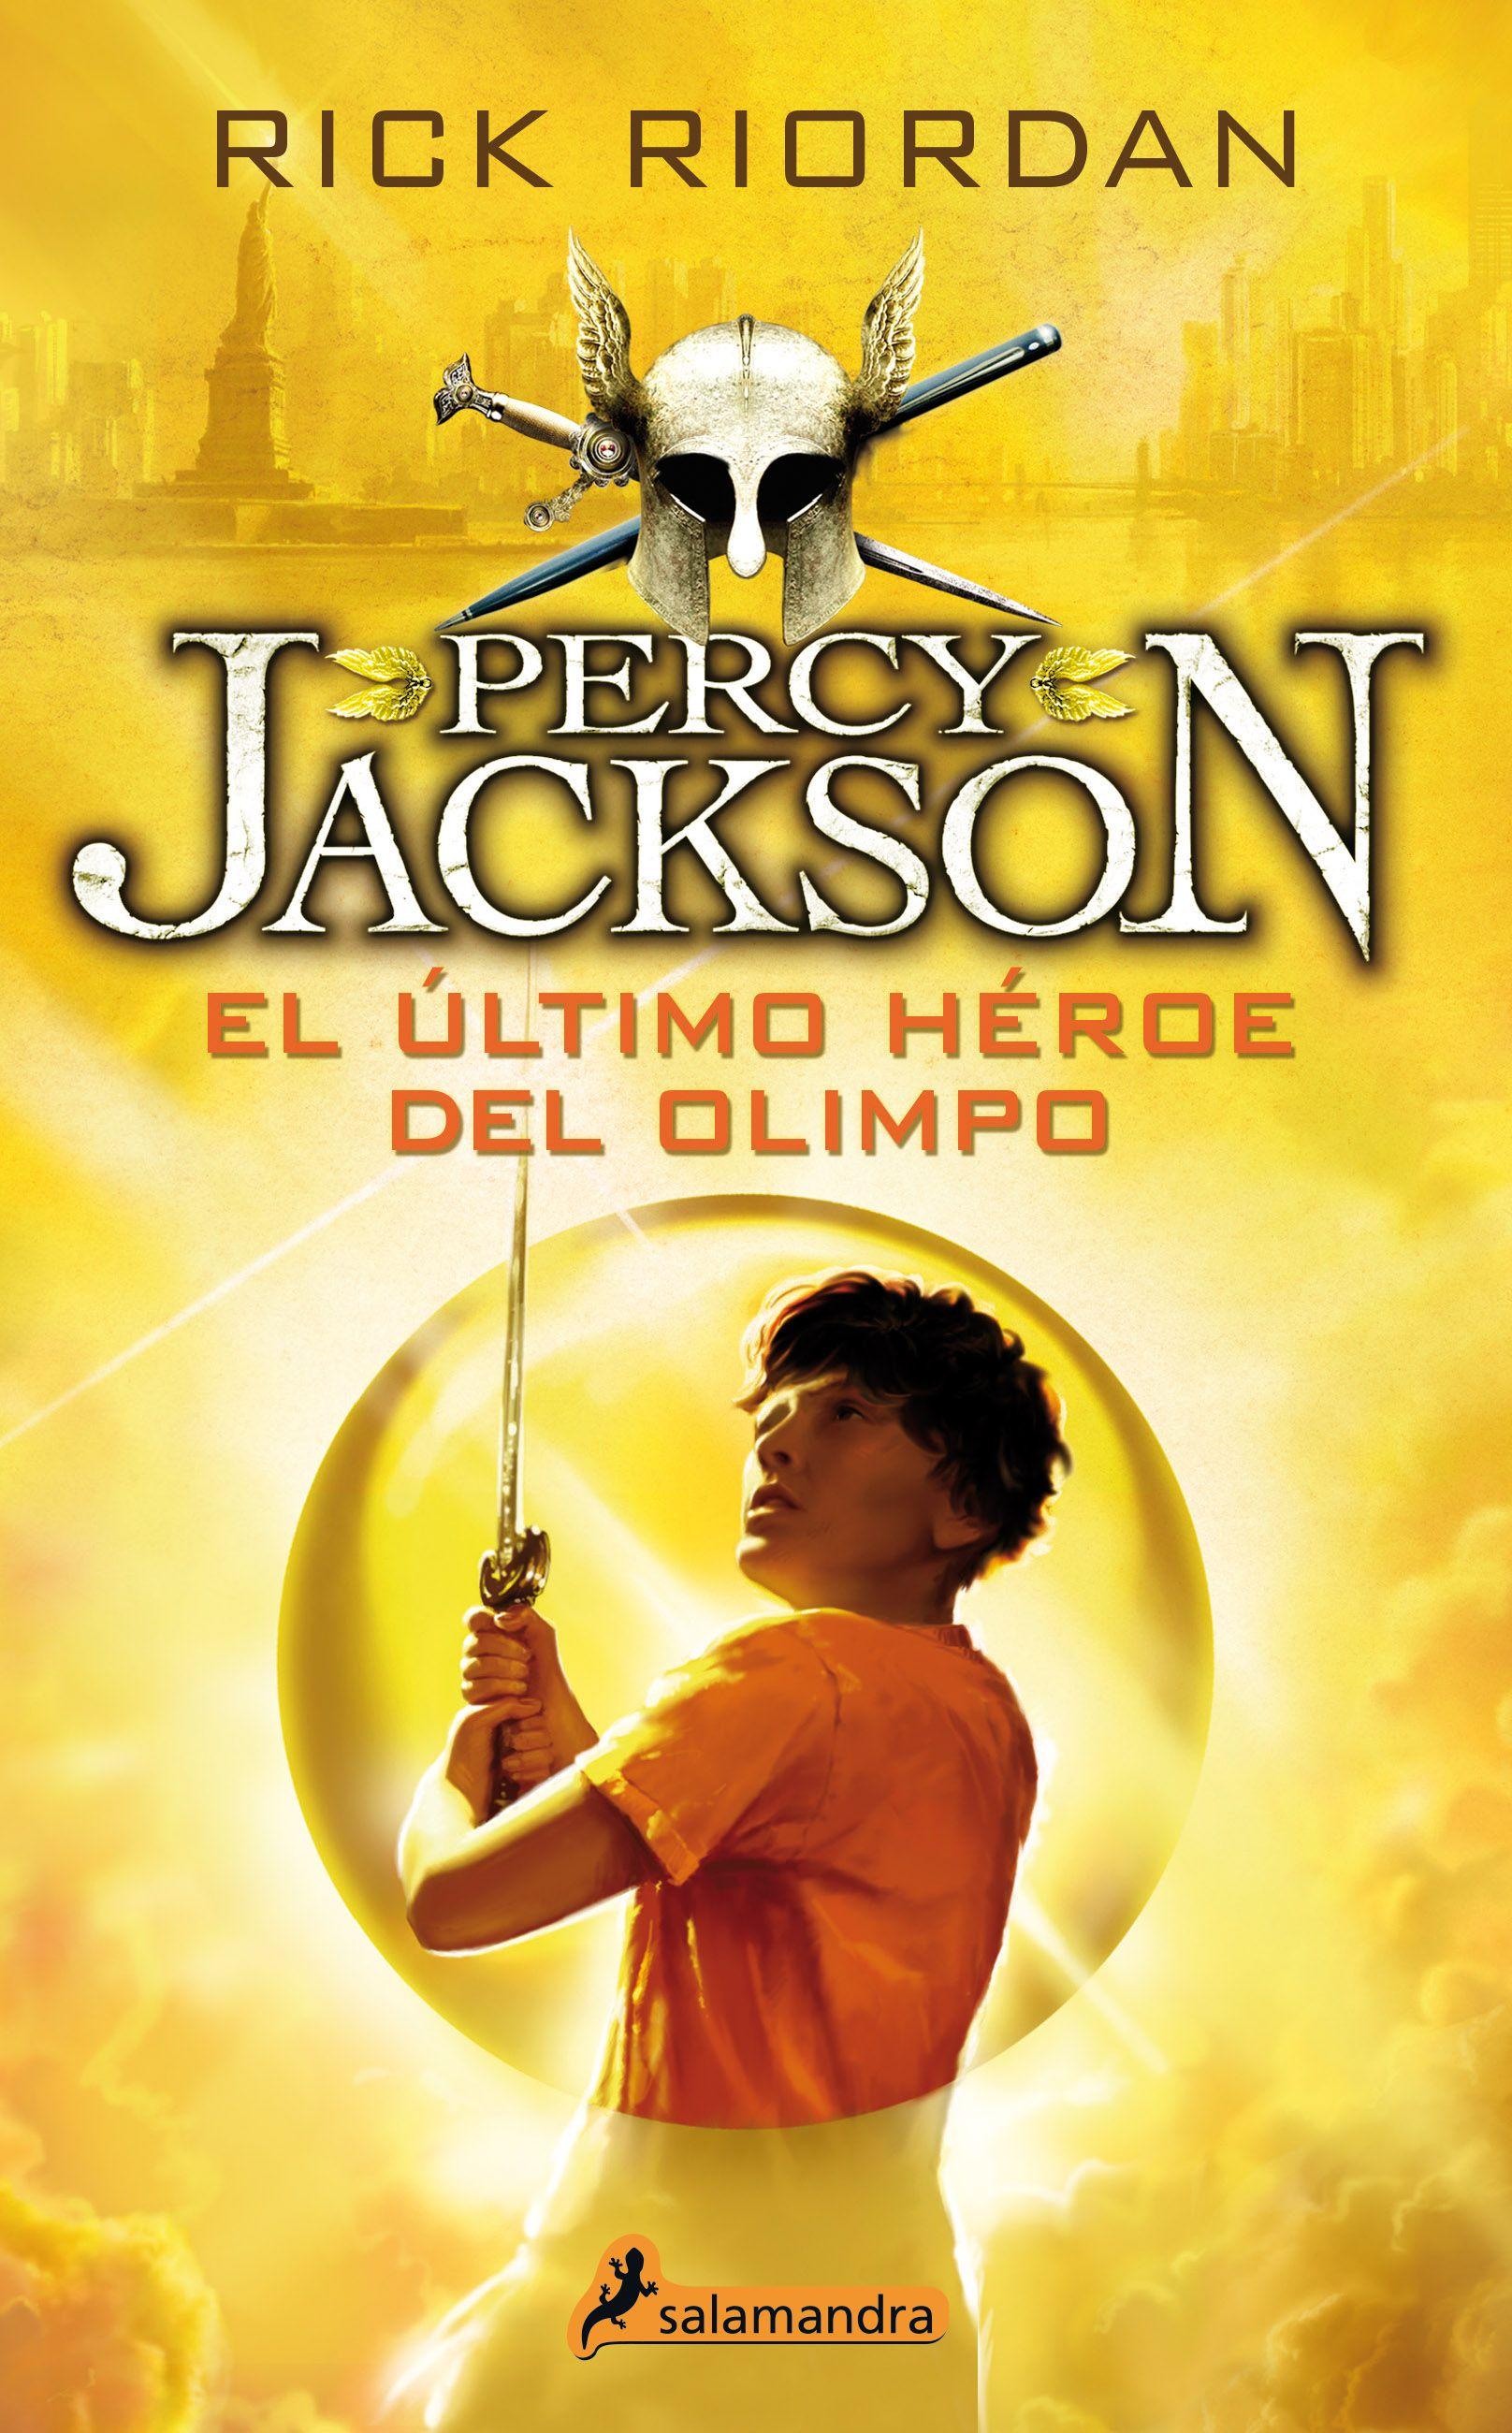 El Ultimo Heroe Del Olimpo Percy V Rick Riordan Comprar El Libro Libros De Percy Jackson El Ultimo Heroe Del Olimpo Los Héroes Del Olimpo